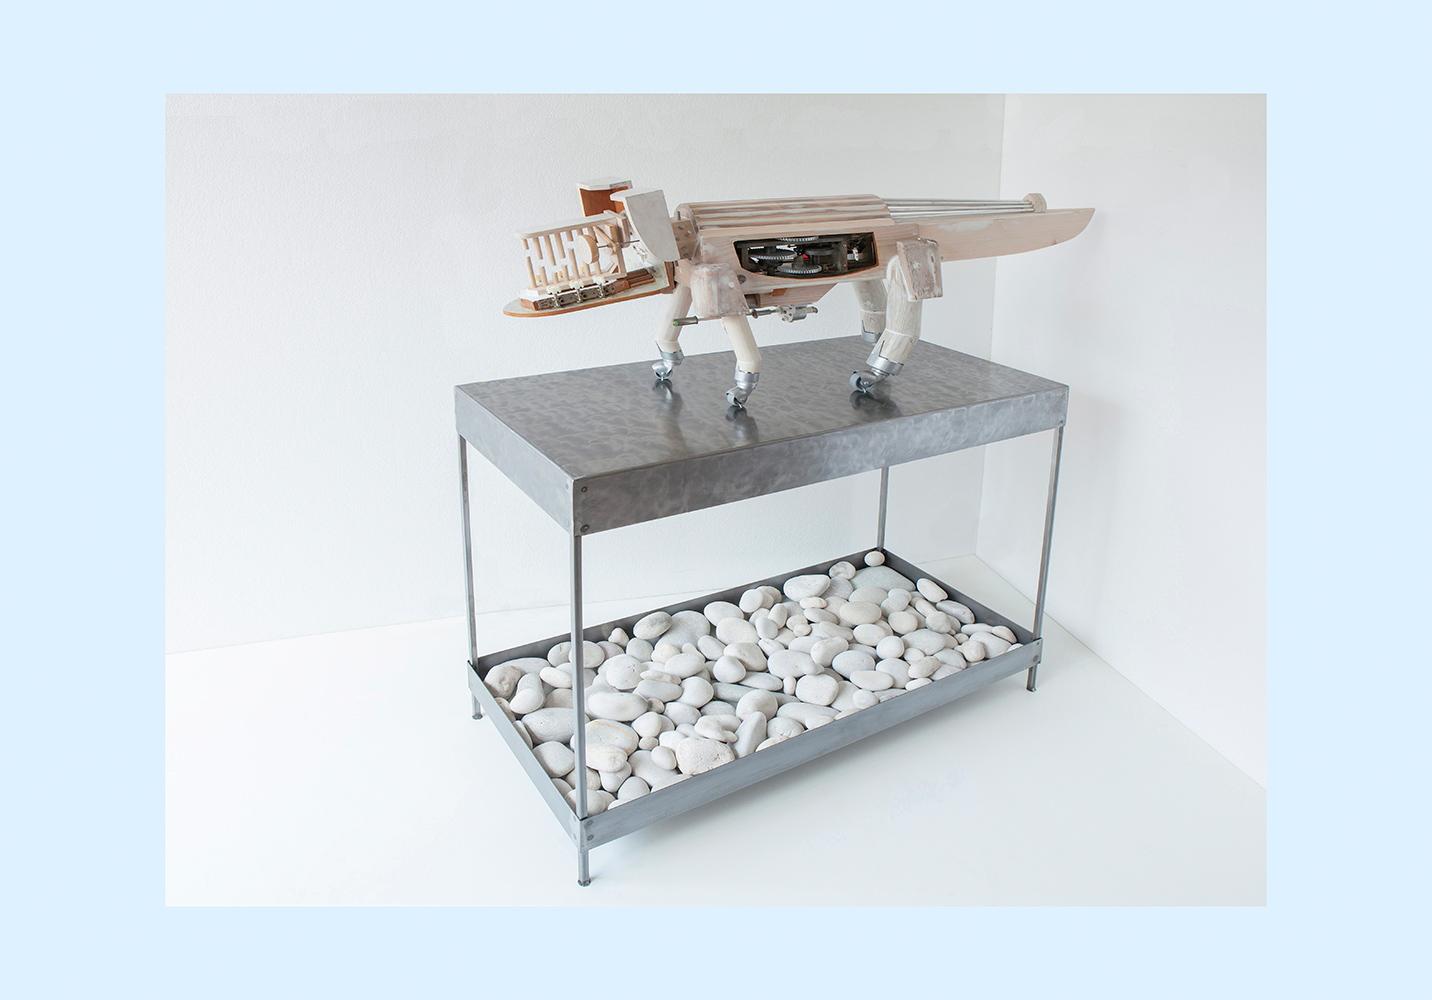 PERRODRILO F PEDESTAL - 80x96x44 cm - Reciclaje y Ensamblado - Serie Animalario - Proyecto S.O.S.tenible - 2013 - Gata de Gorgos.